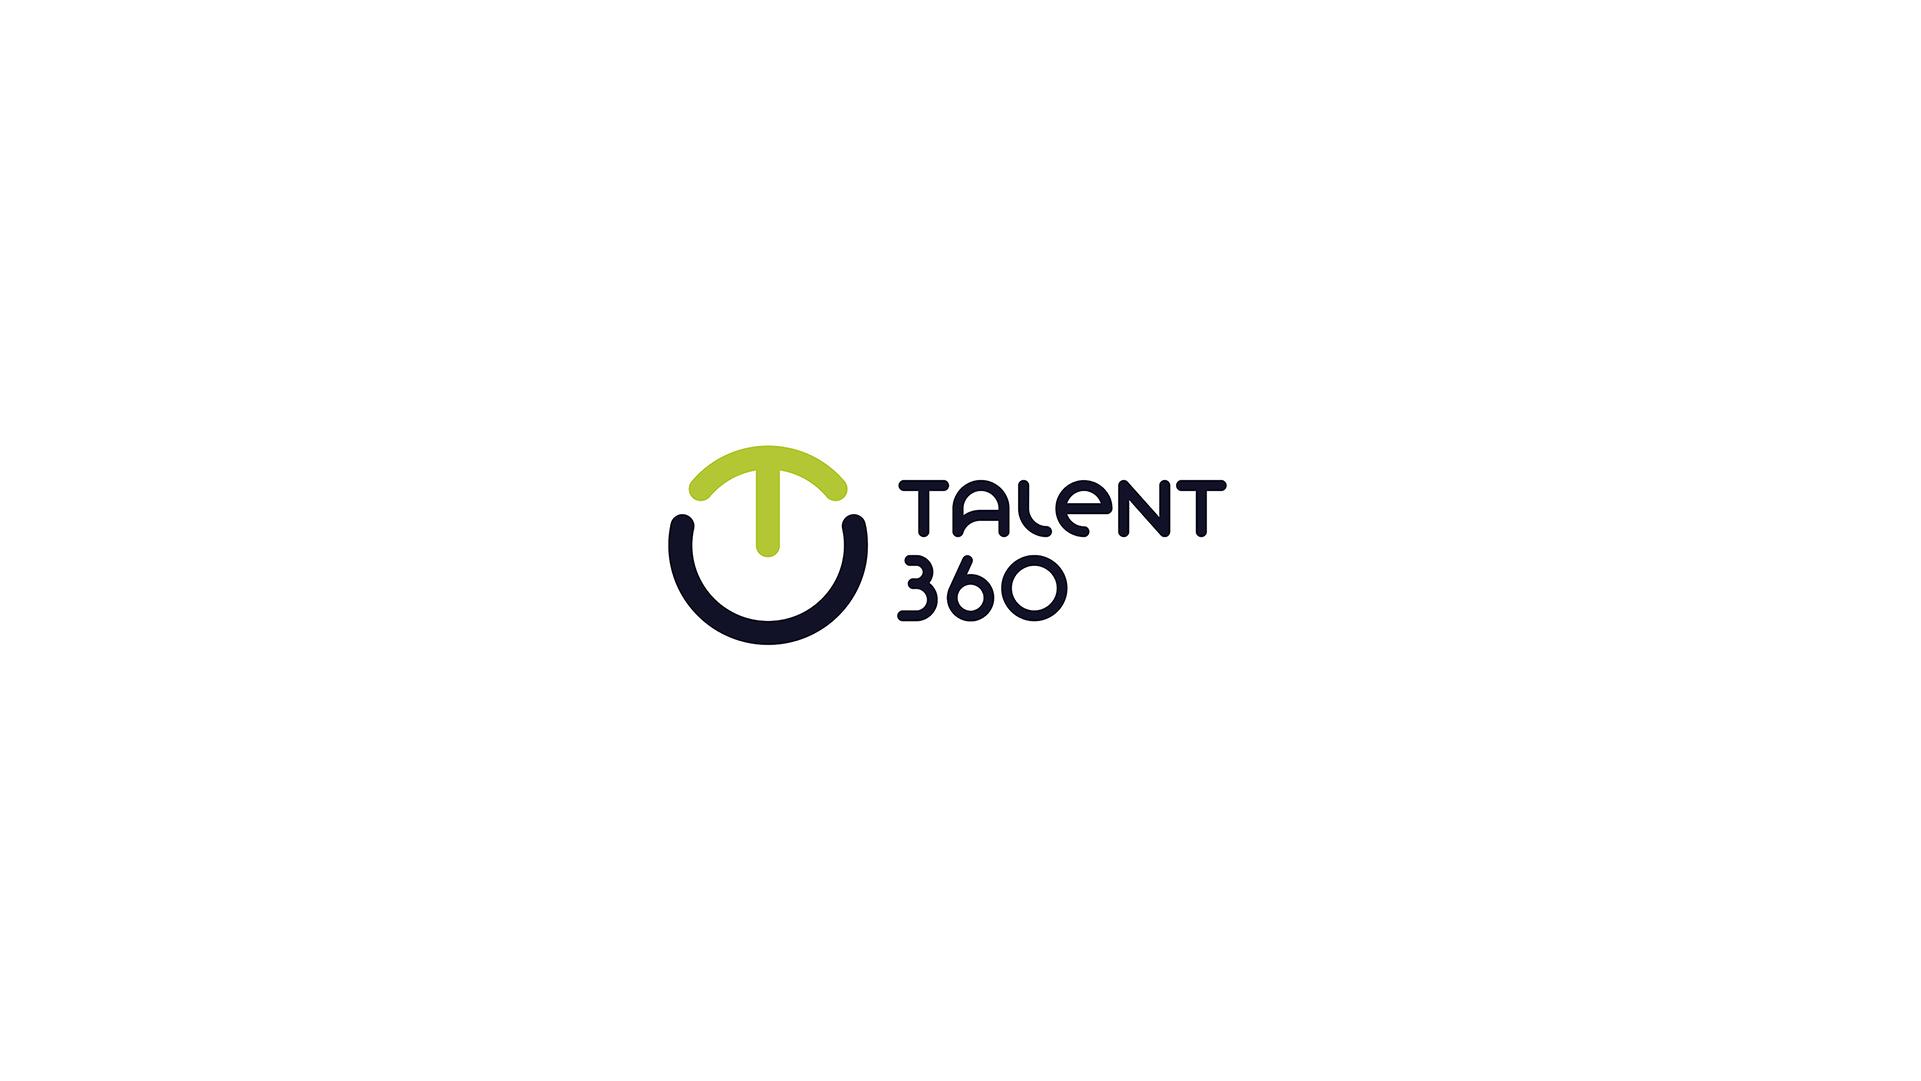 Talent 360